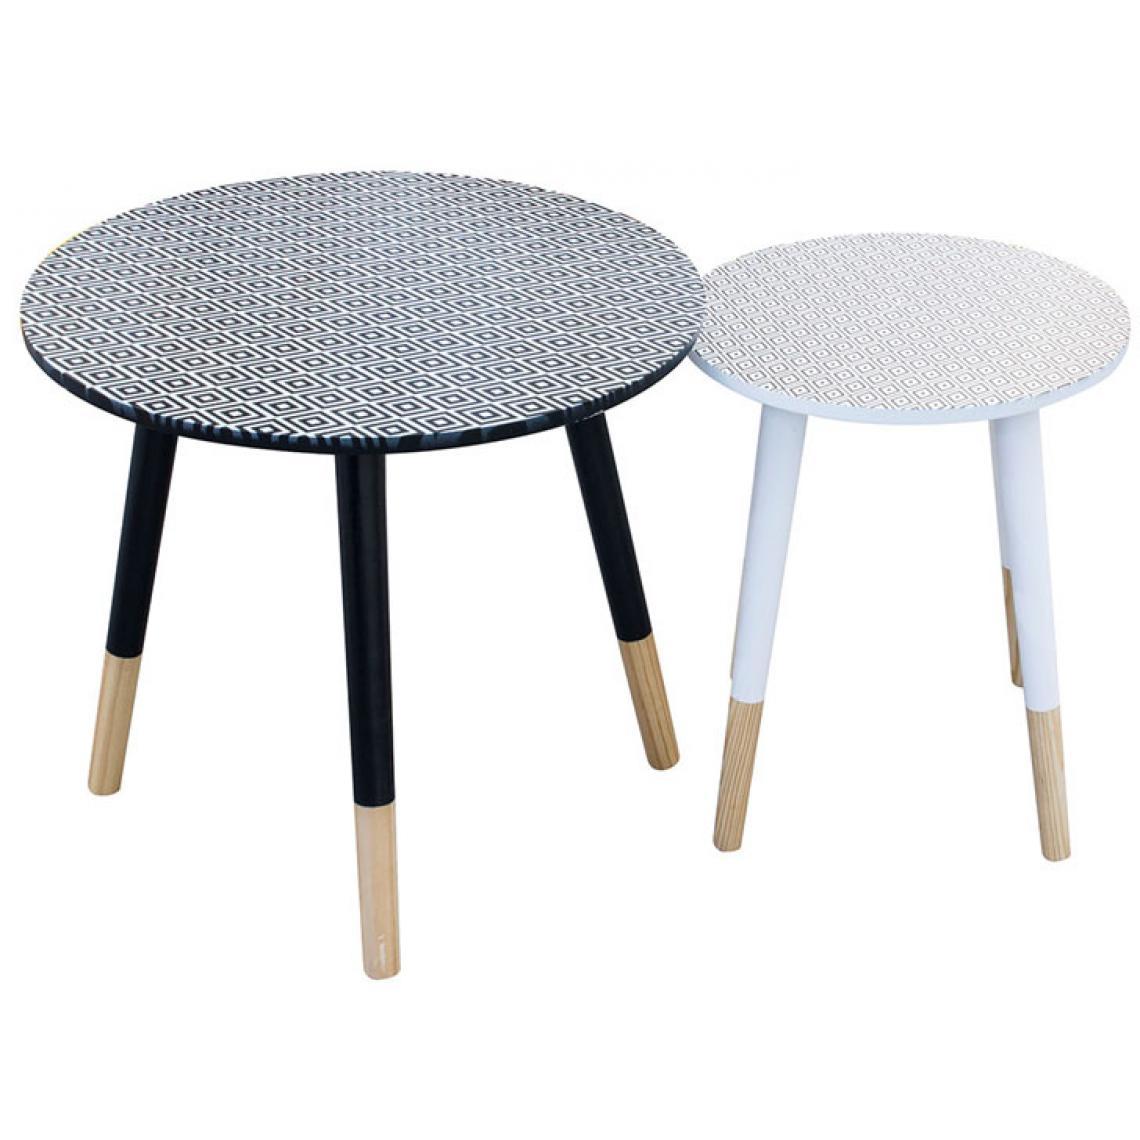 set de 2 tables gigognes imprime losange noir et blanc en bois emma